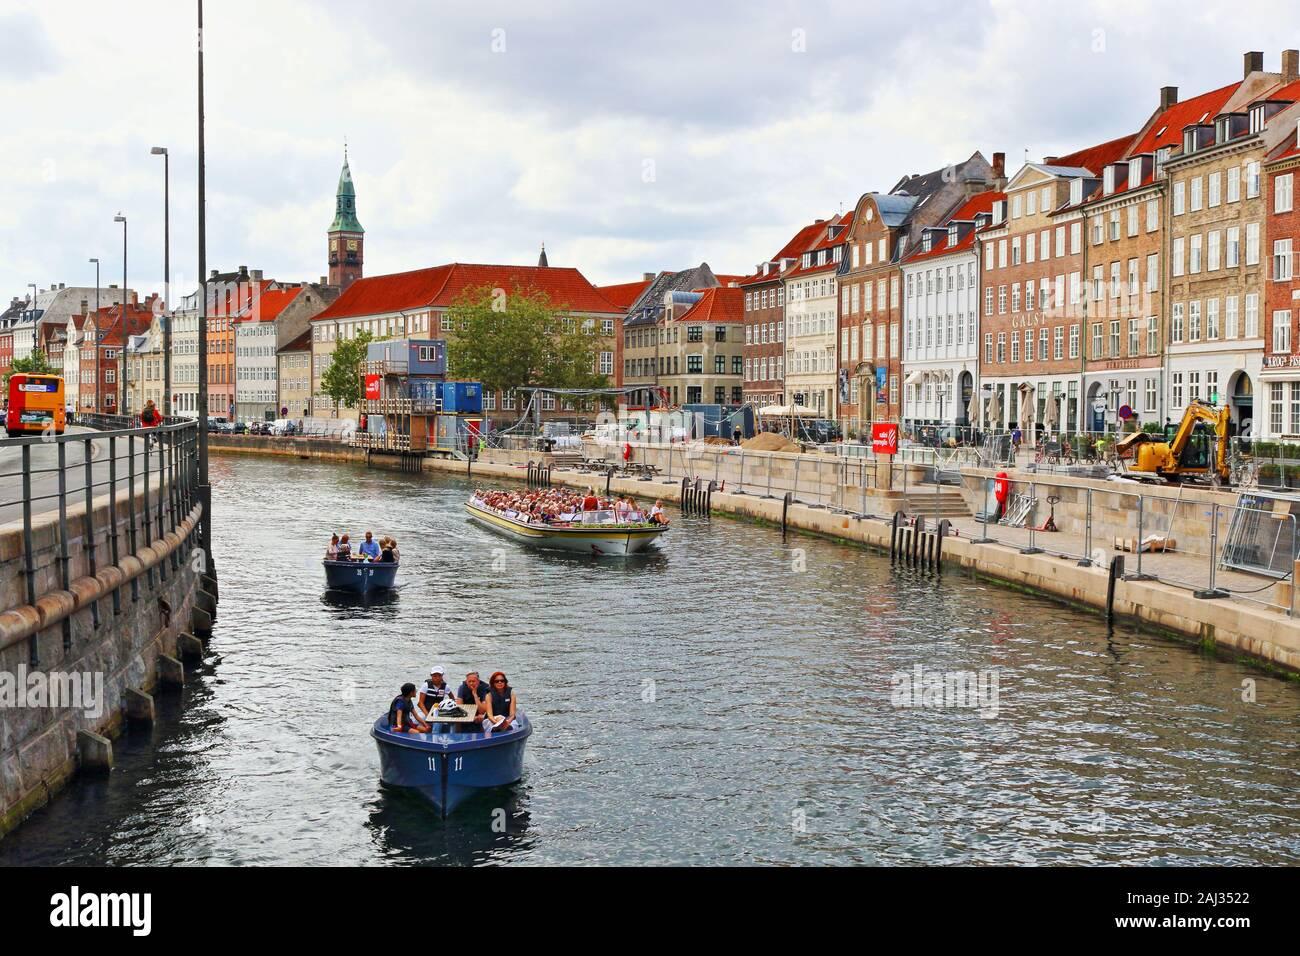 Sightseeing Tour Boote auf einem Kanal und Slotsholmen Gammel Strand Straße durch eine Reihe von bunten alten Häusern im Zentrum von Kopenhagen, Dänemark gefüttert Stockfoto